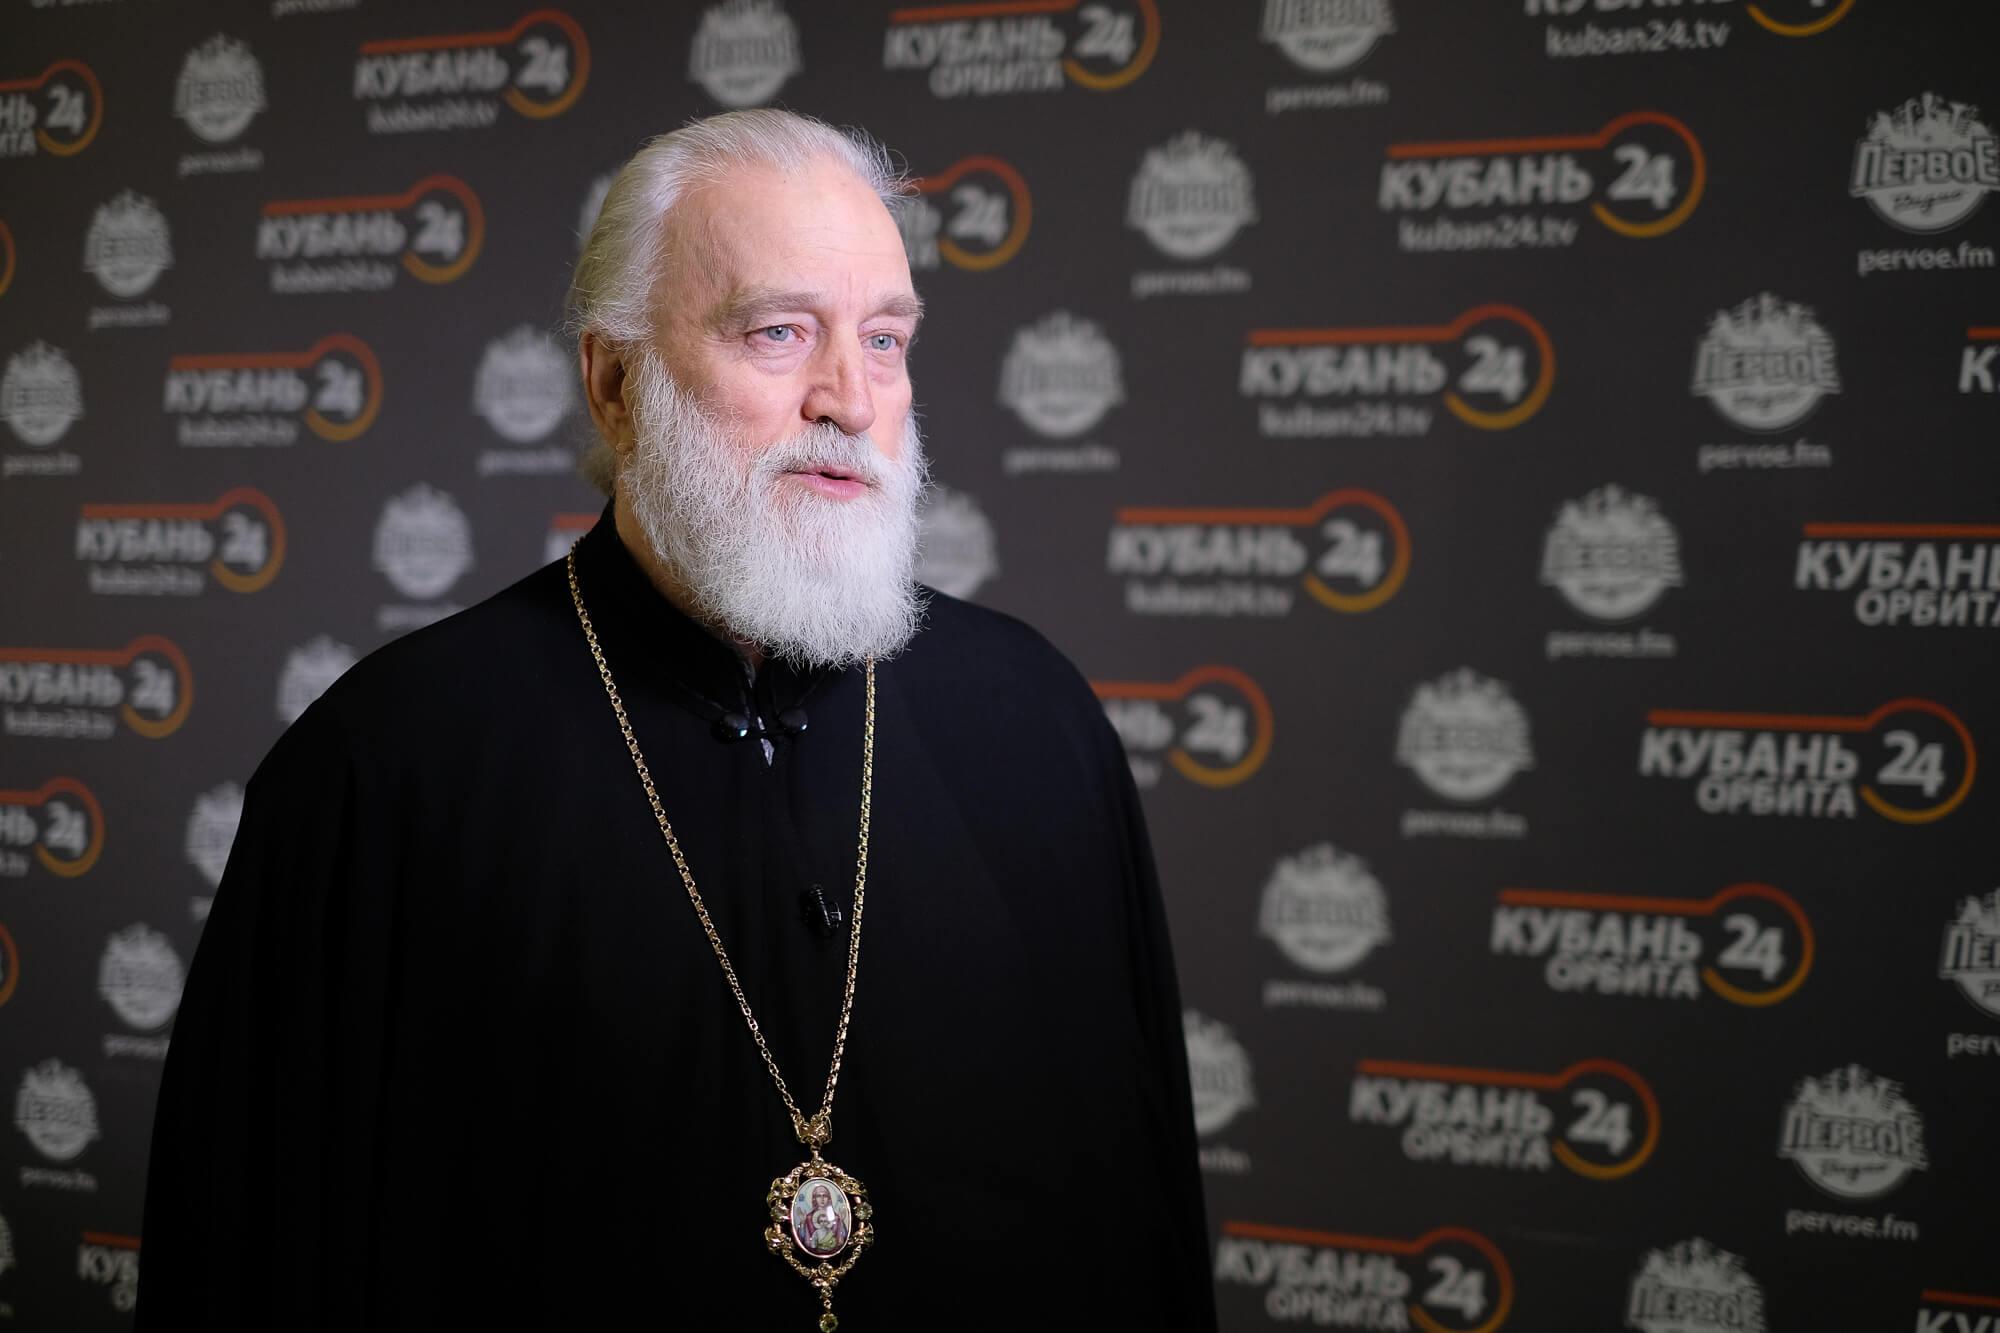 Митрополит Екатеринодарский и Кубанский Павел посетил «Кубань 24». Фоторепортаж